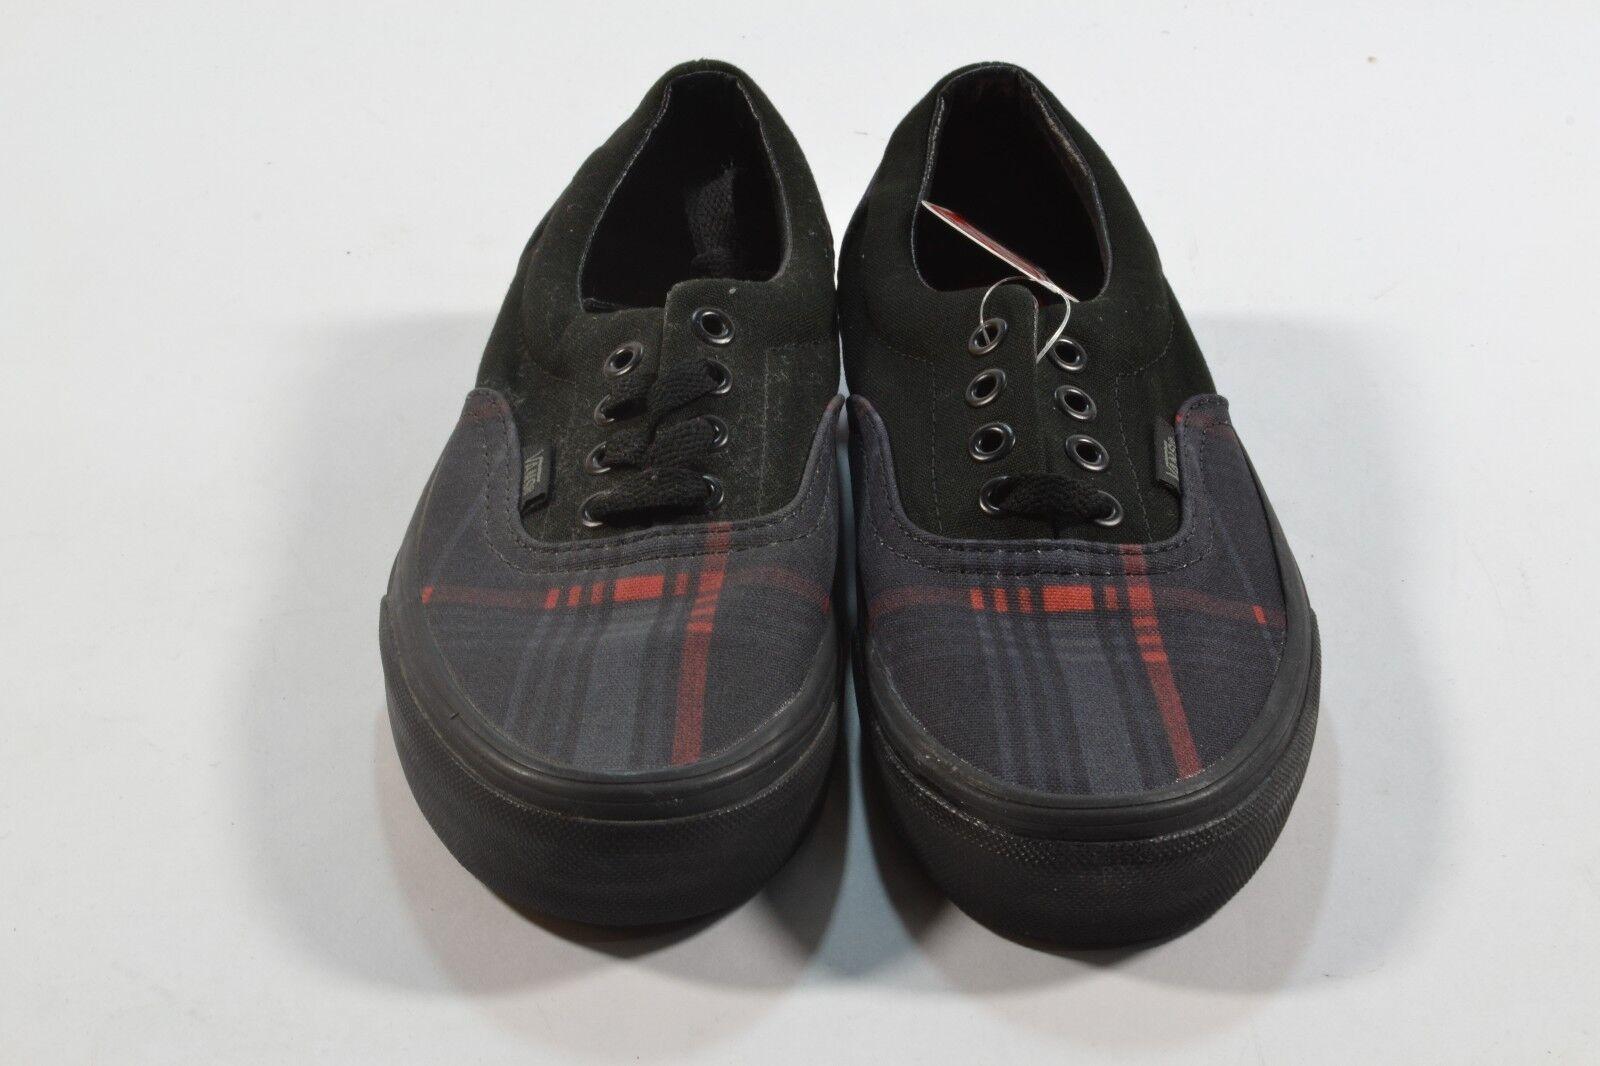 raie rouge rouge raie écossais fourgonnettes era scout noir réduit (82) les chaussures pou r femmes 8d44d7